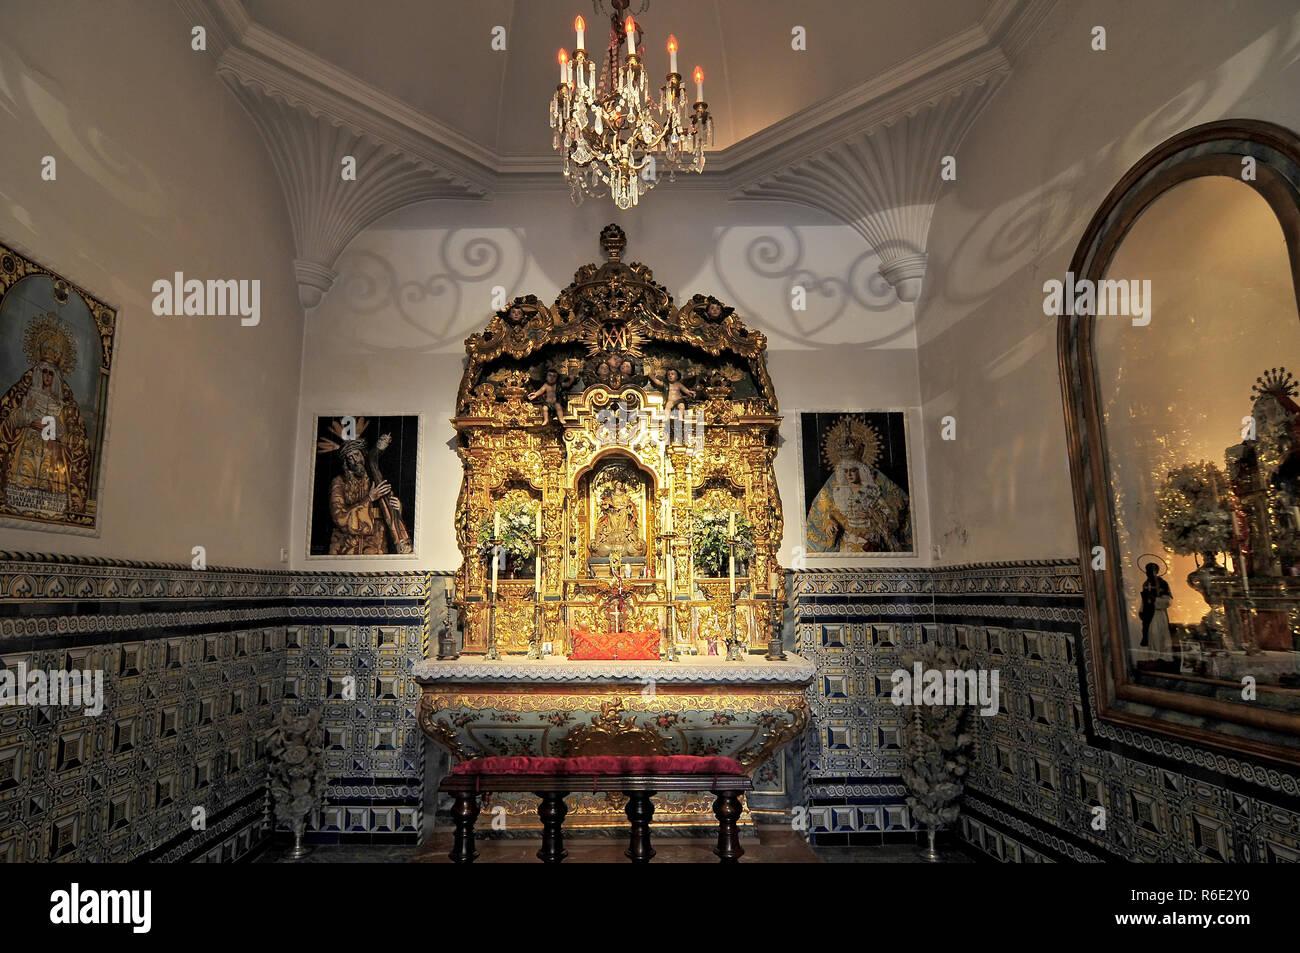 The Chapel Inside The Plaza De Toros De La Real Maestranza De Caballería De Sevilla (Bull Ring), In Seville, Andalusia, Spain Stock Photo